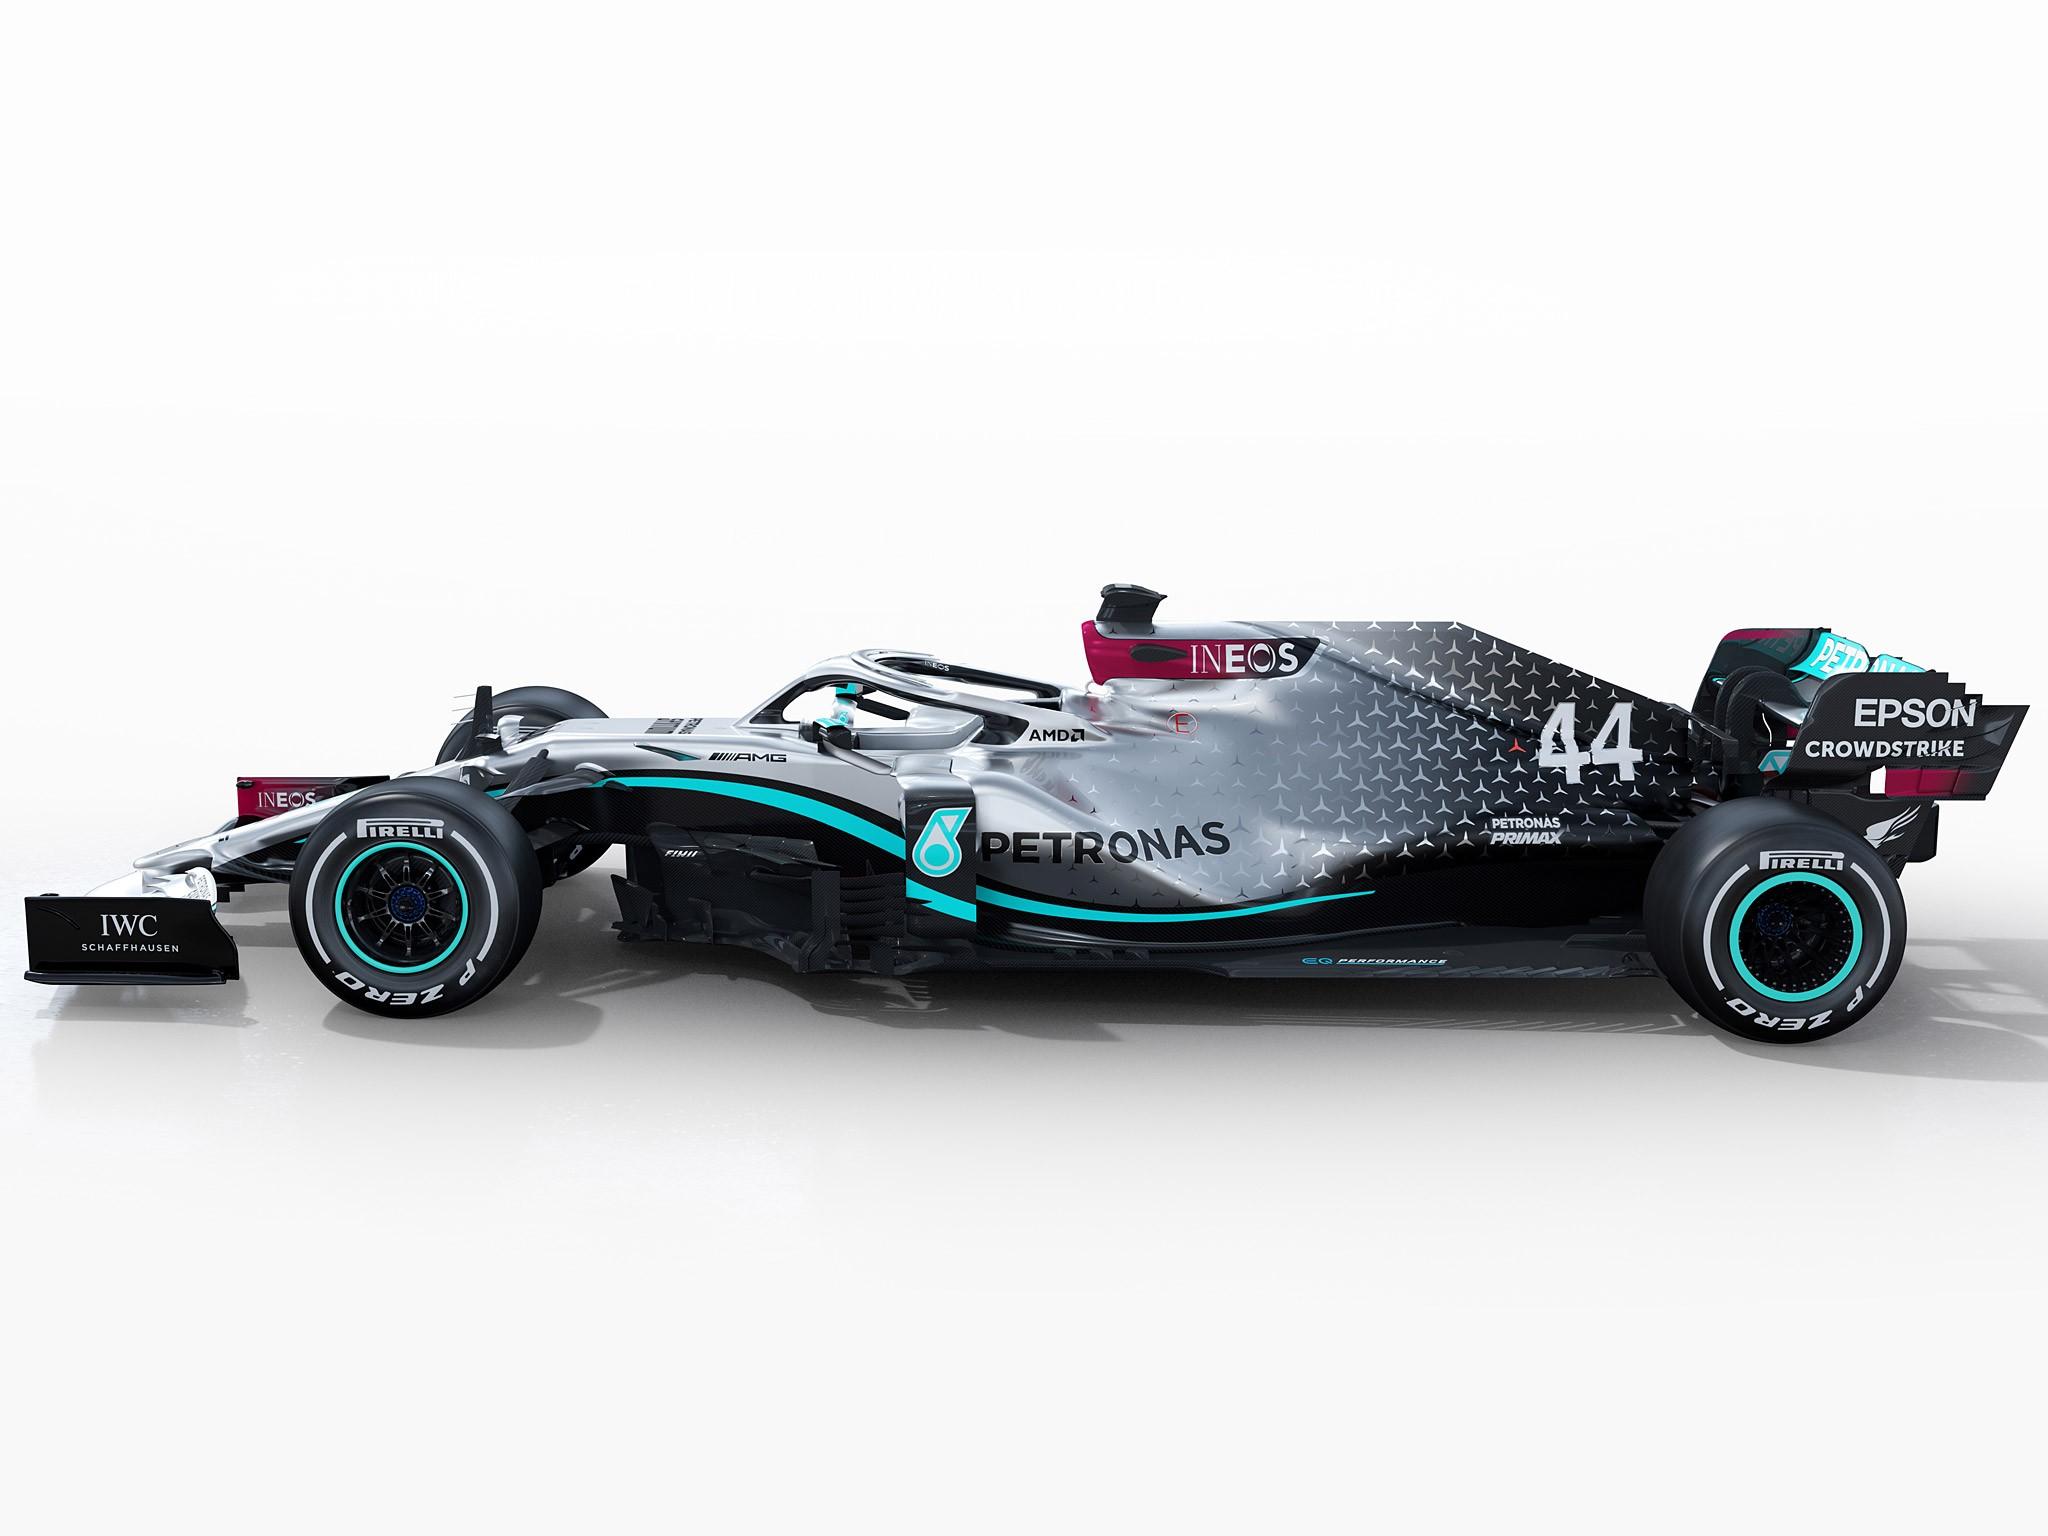 Mercedes AMG W11 EQ Performance 2020